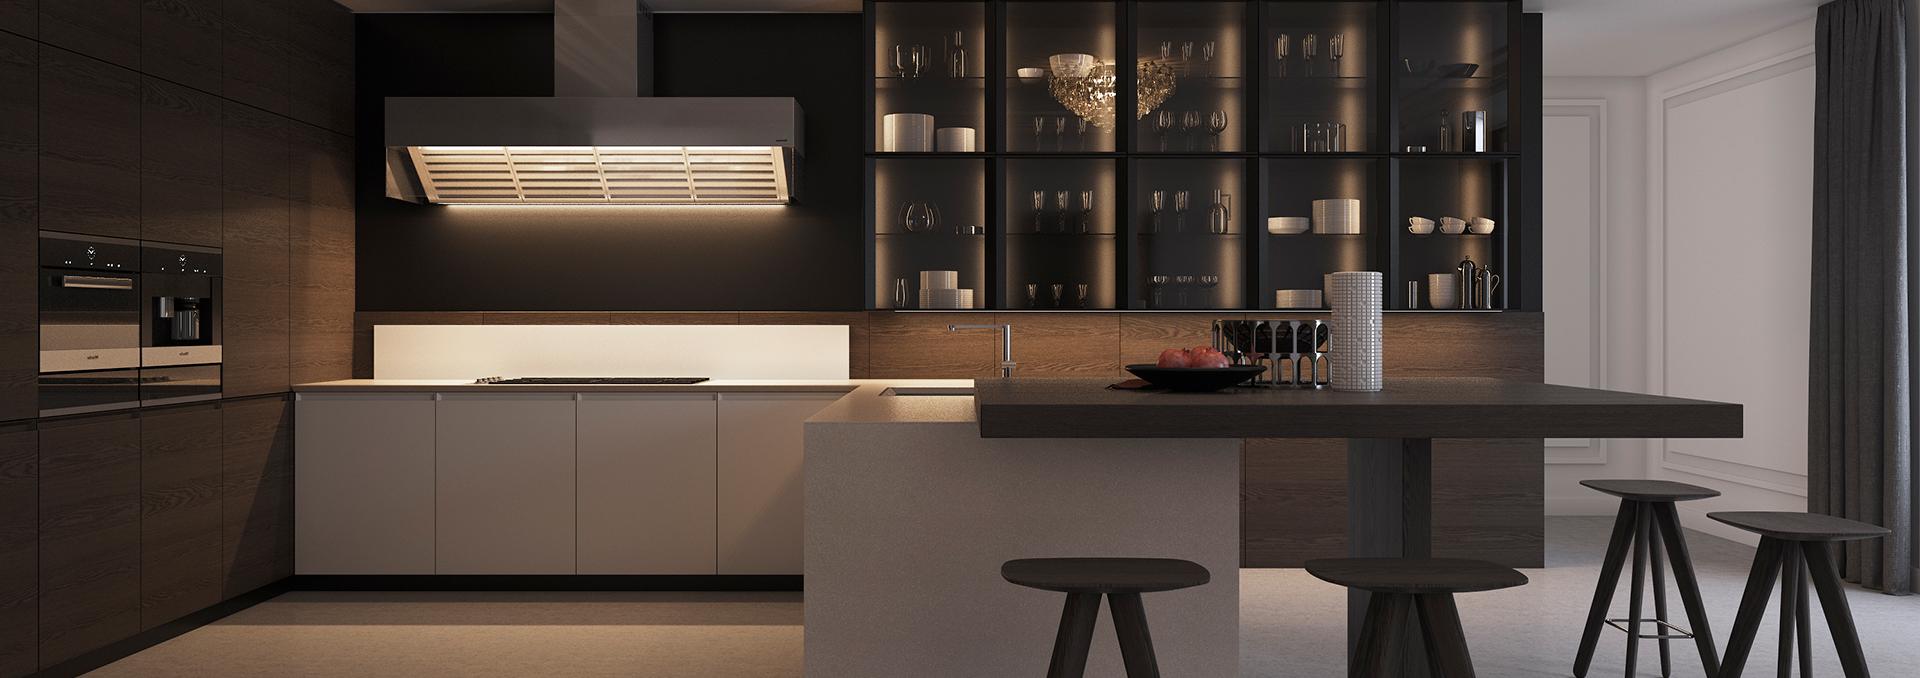 итальянская кухня мебель